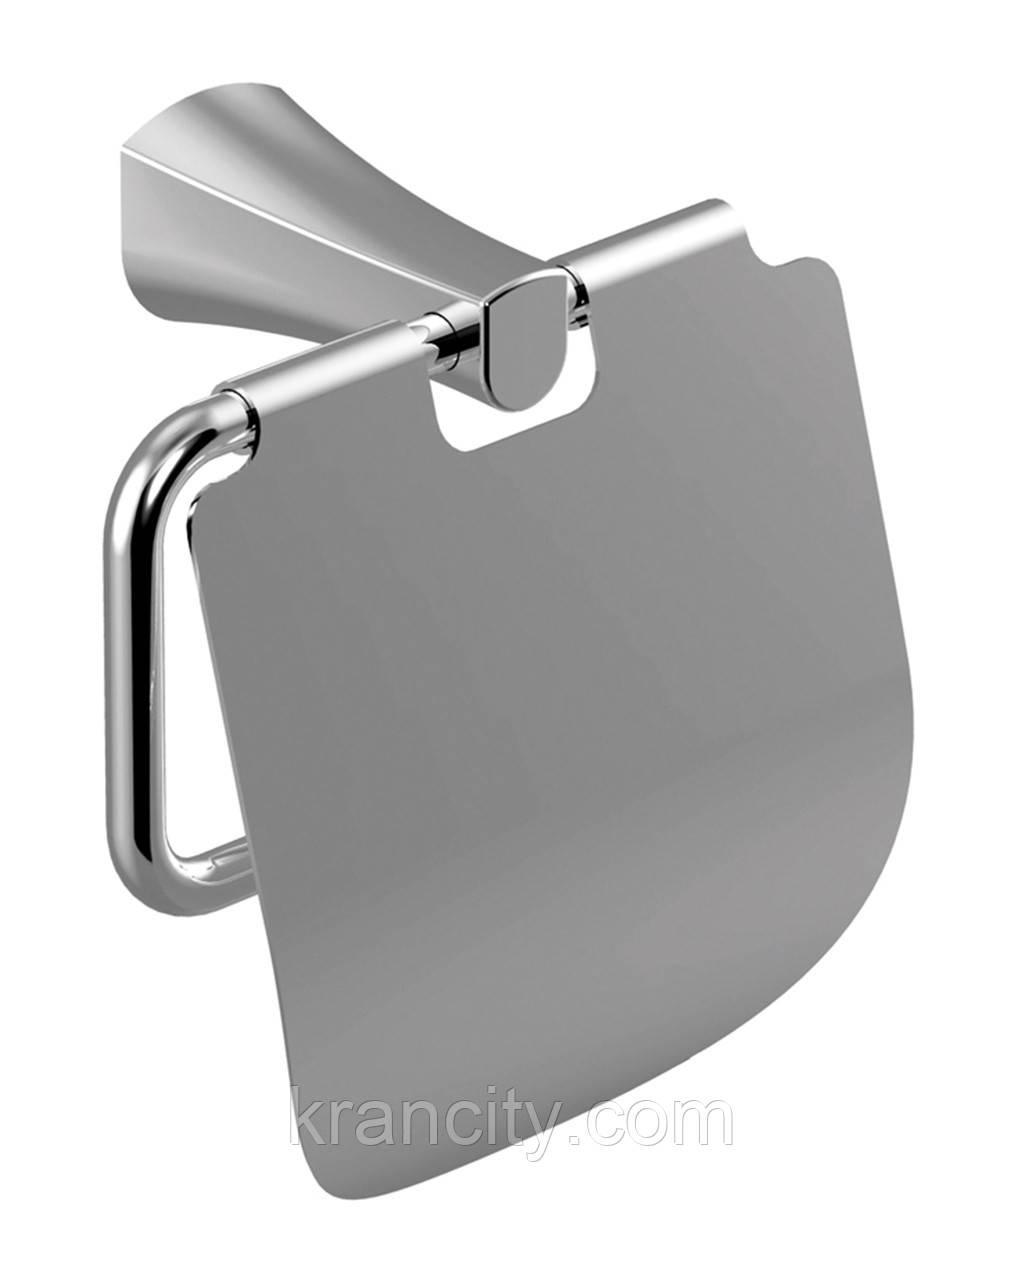 Держатель для туалетной бумаги, IMPRESE 140280 stribro CUTHNA